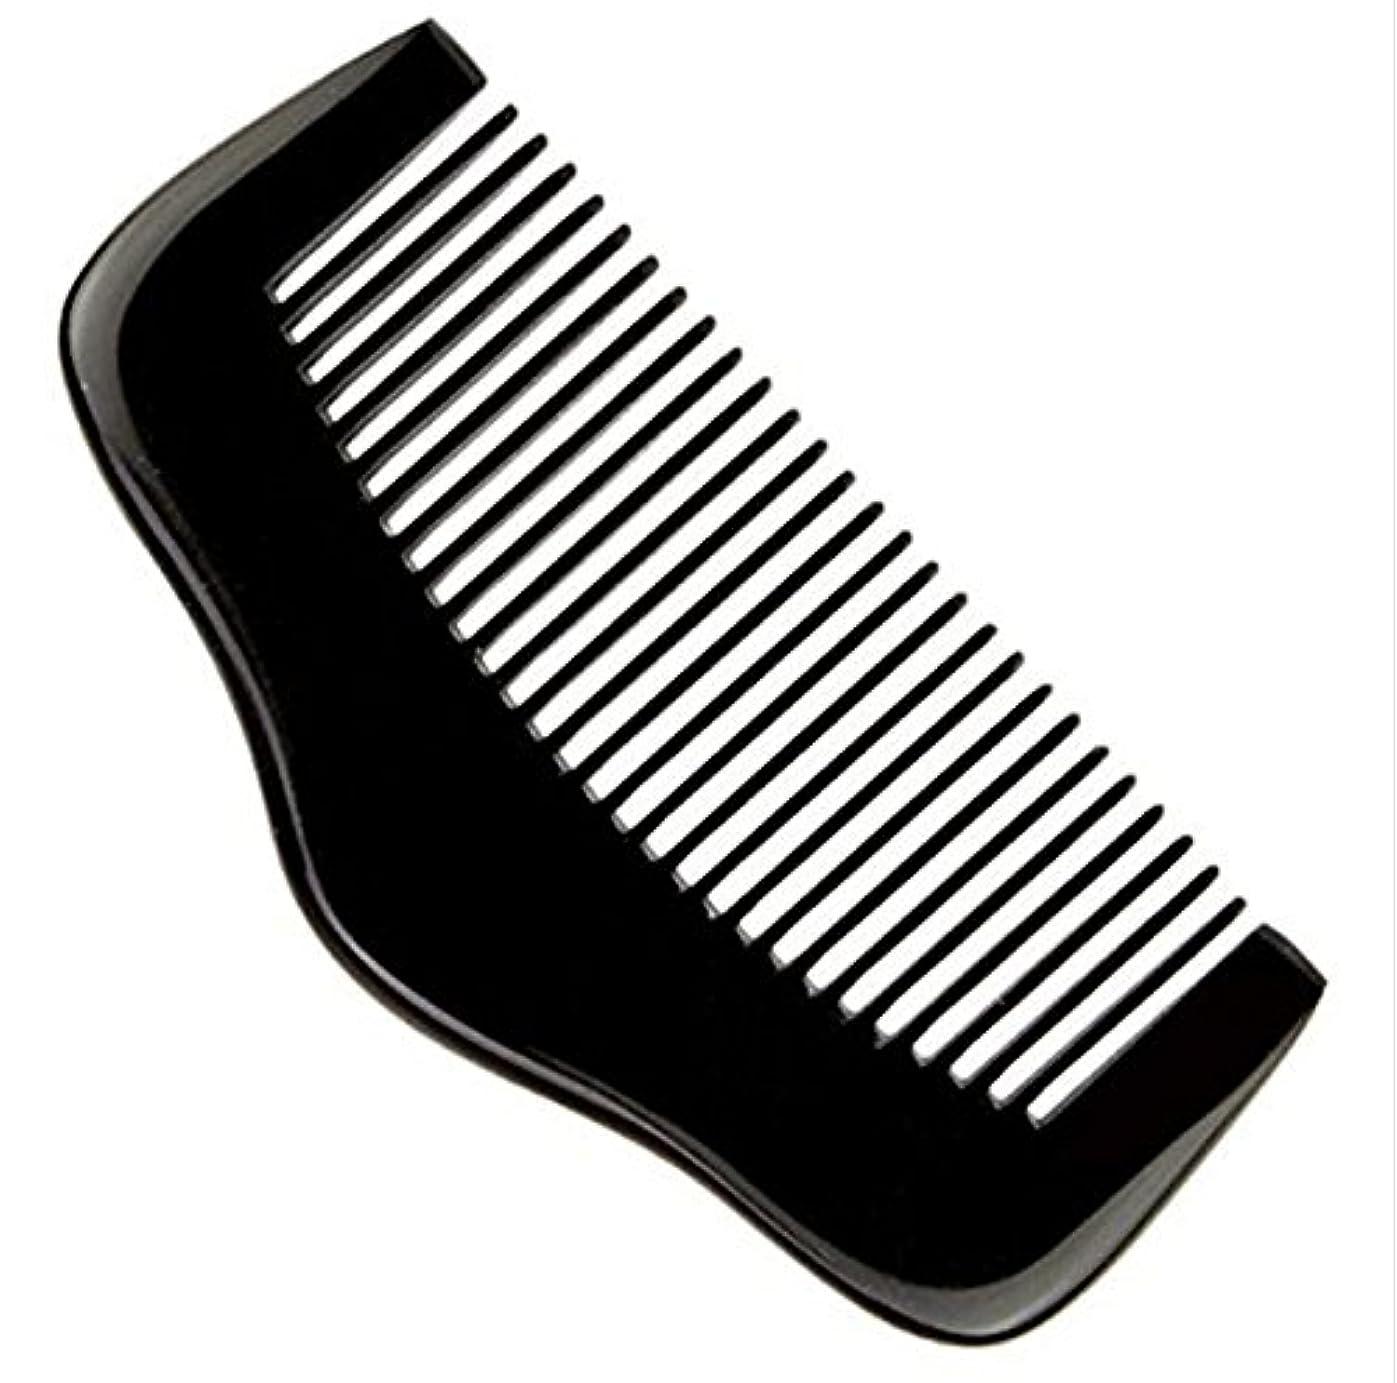 食い違いモス解任櫛型 プロも使う牛角かっさプレート マサージ用 血行改善 高級 天然 静電気 防止 美髪美顔 ボディ リンパマッサージ